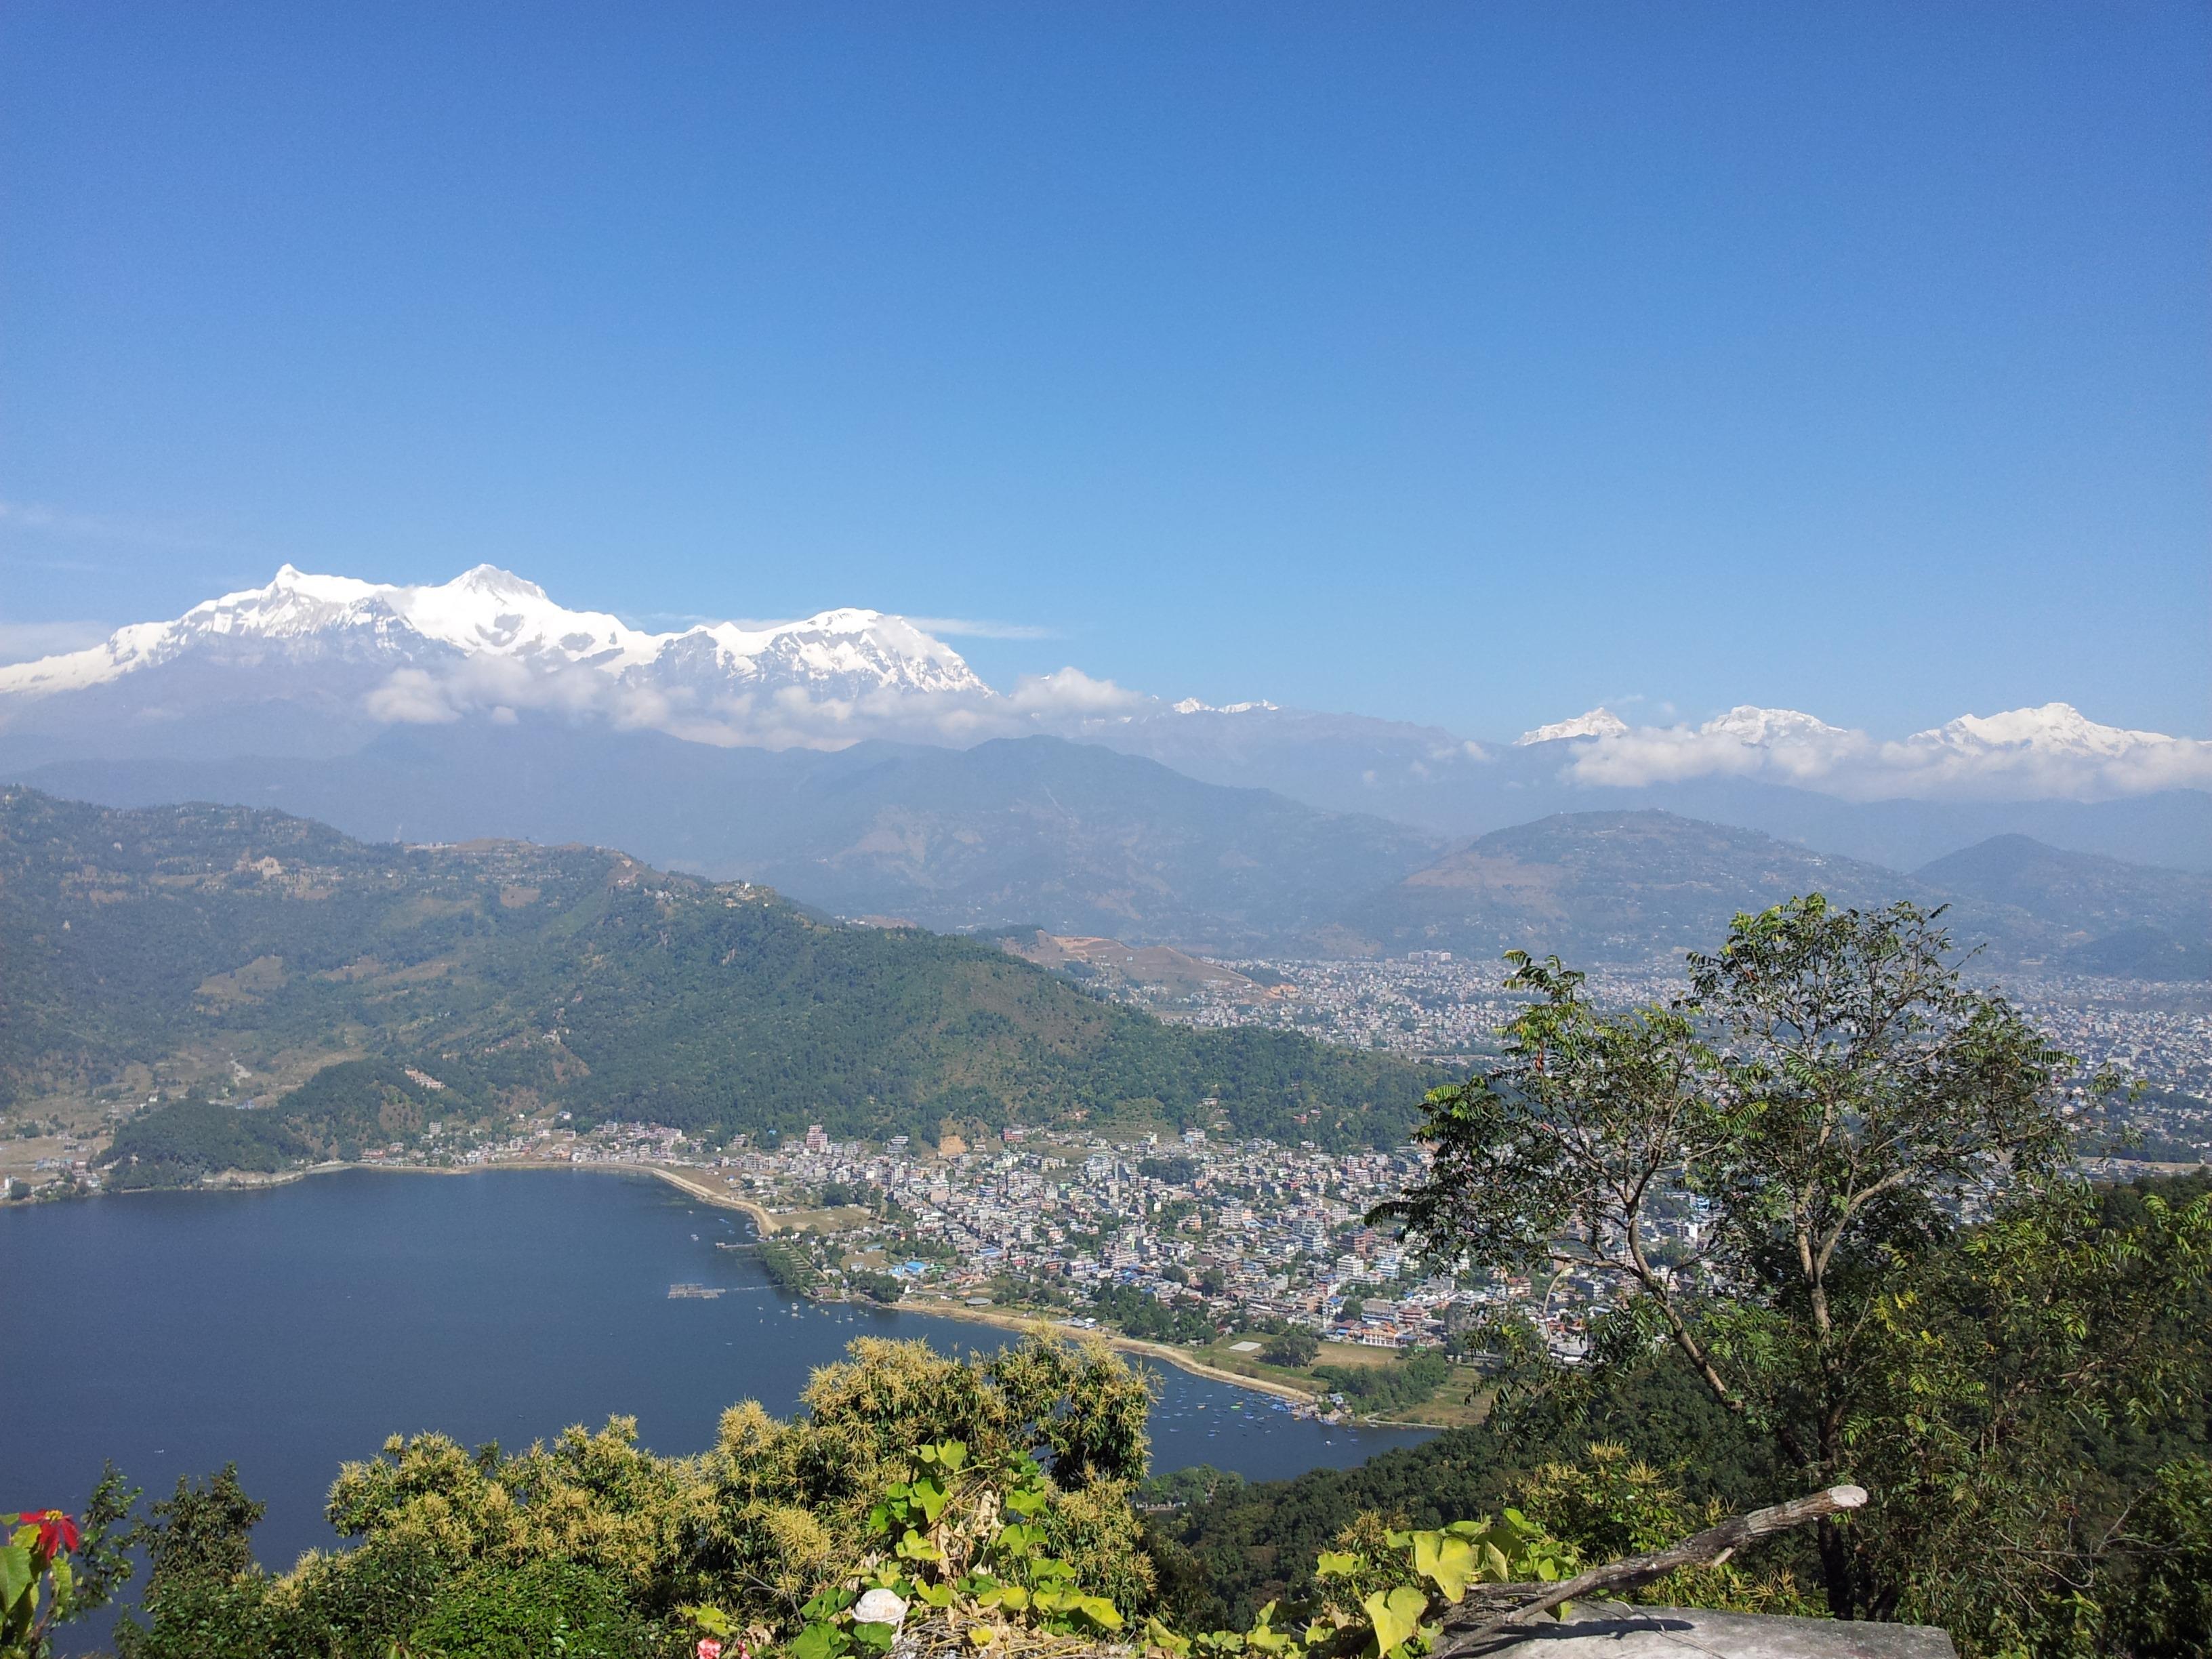 landscape-sea-mountain-hill-lake-adventure-1007046-pxhere.com